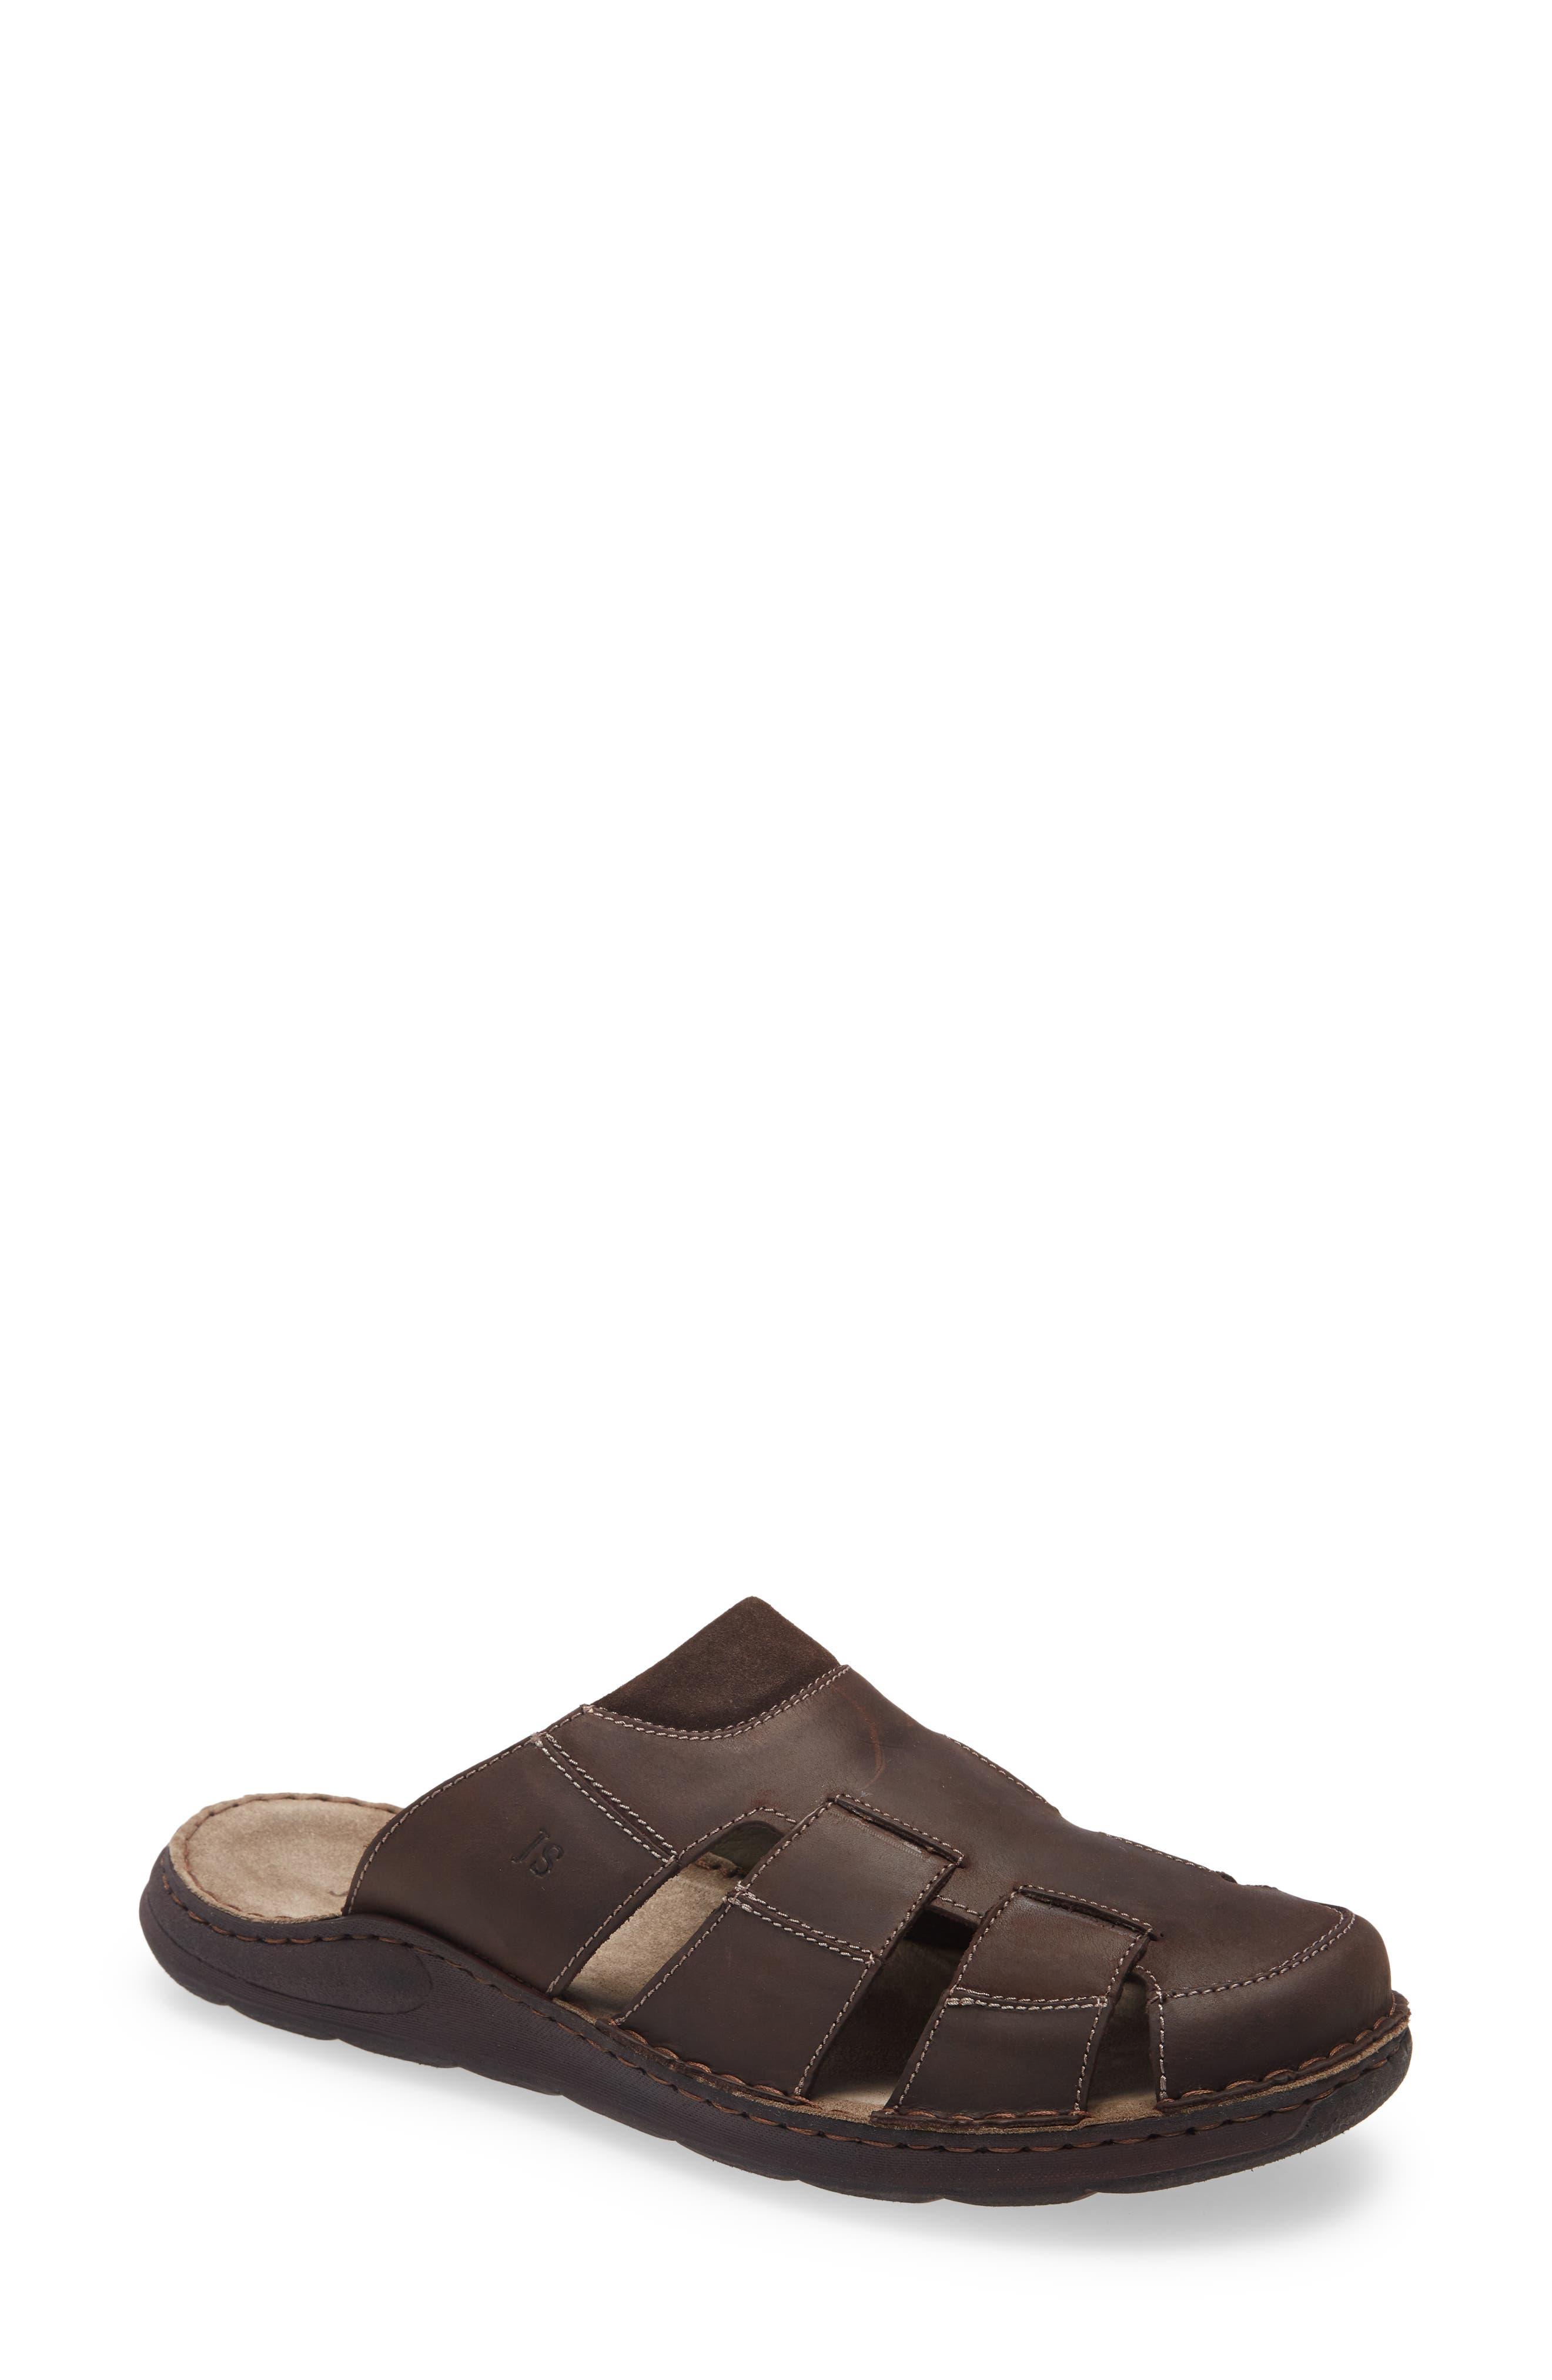 Maverick 02 Sandal